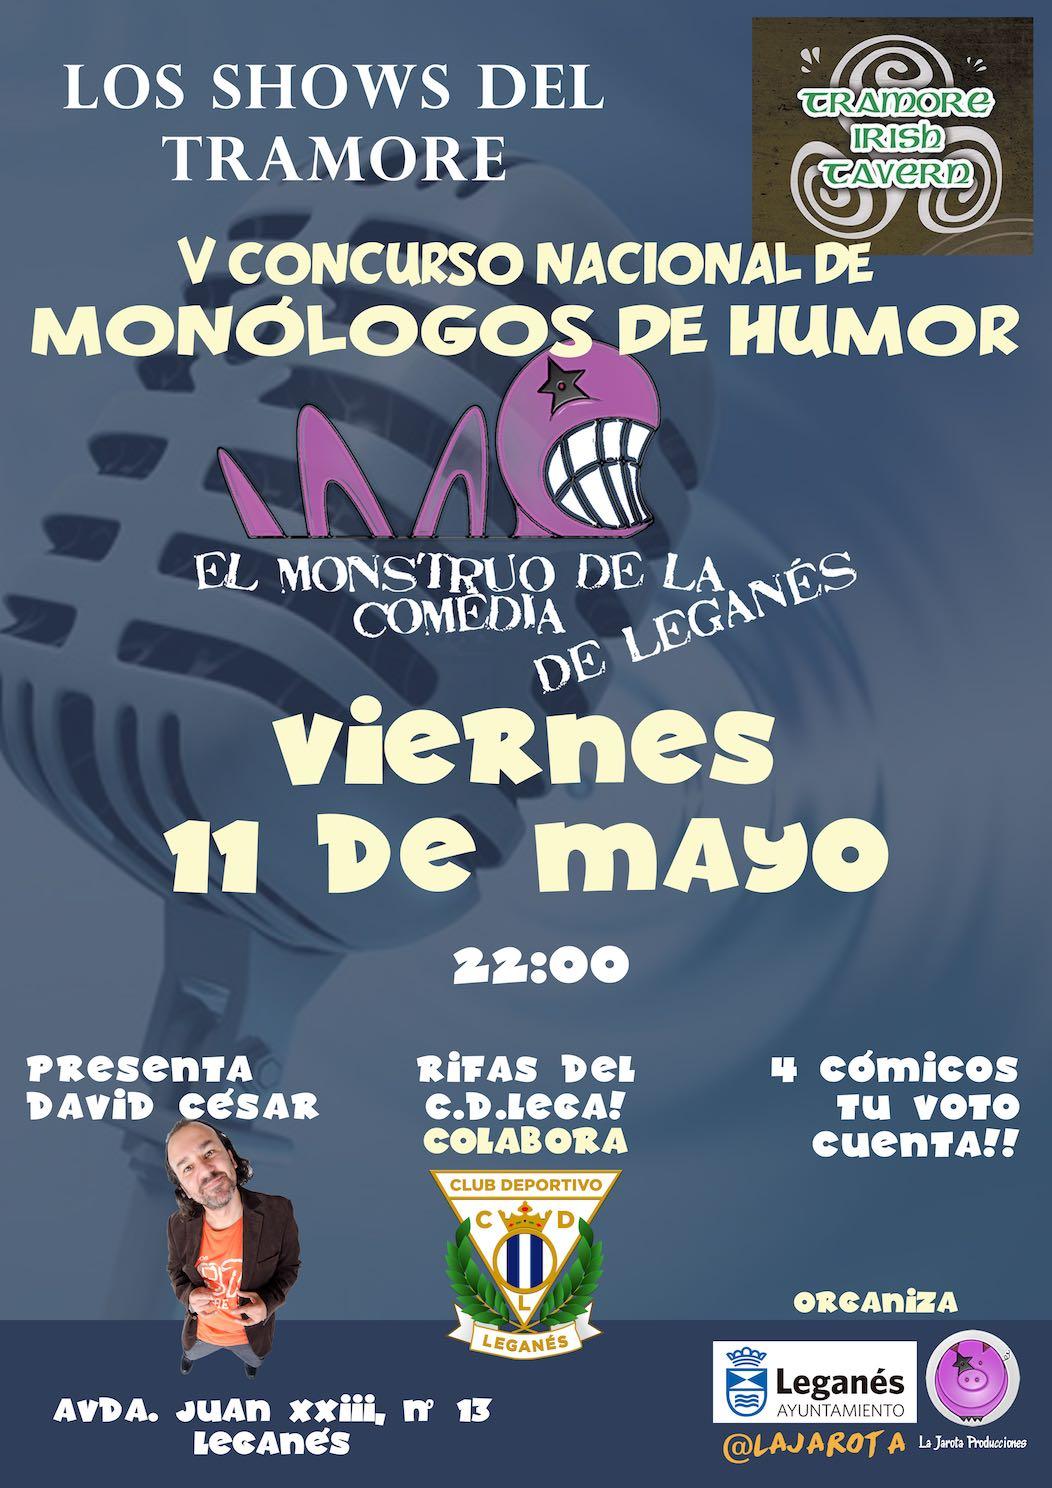 El Monstruo de la Comedia de Leganés - V ¡Primera Semifinal!